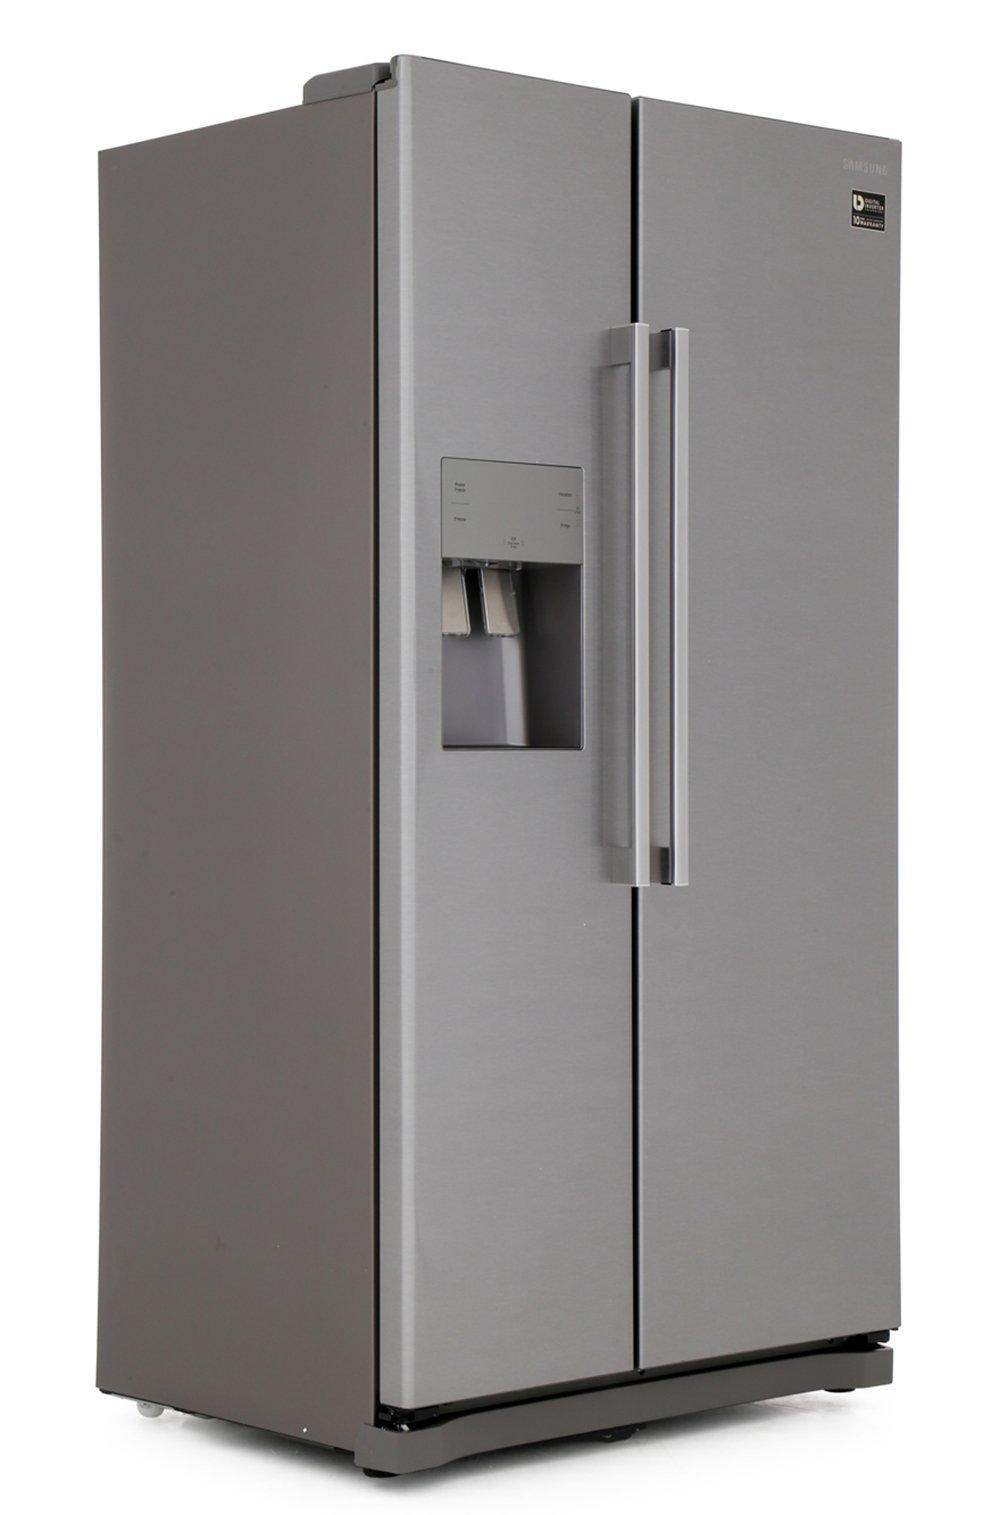 Samsung RS50N3513SA American Fridge Freezer